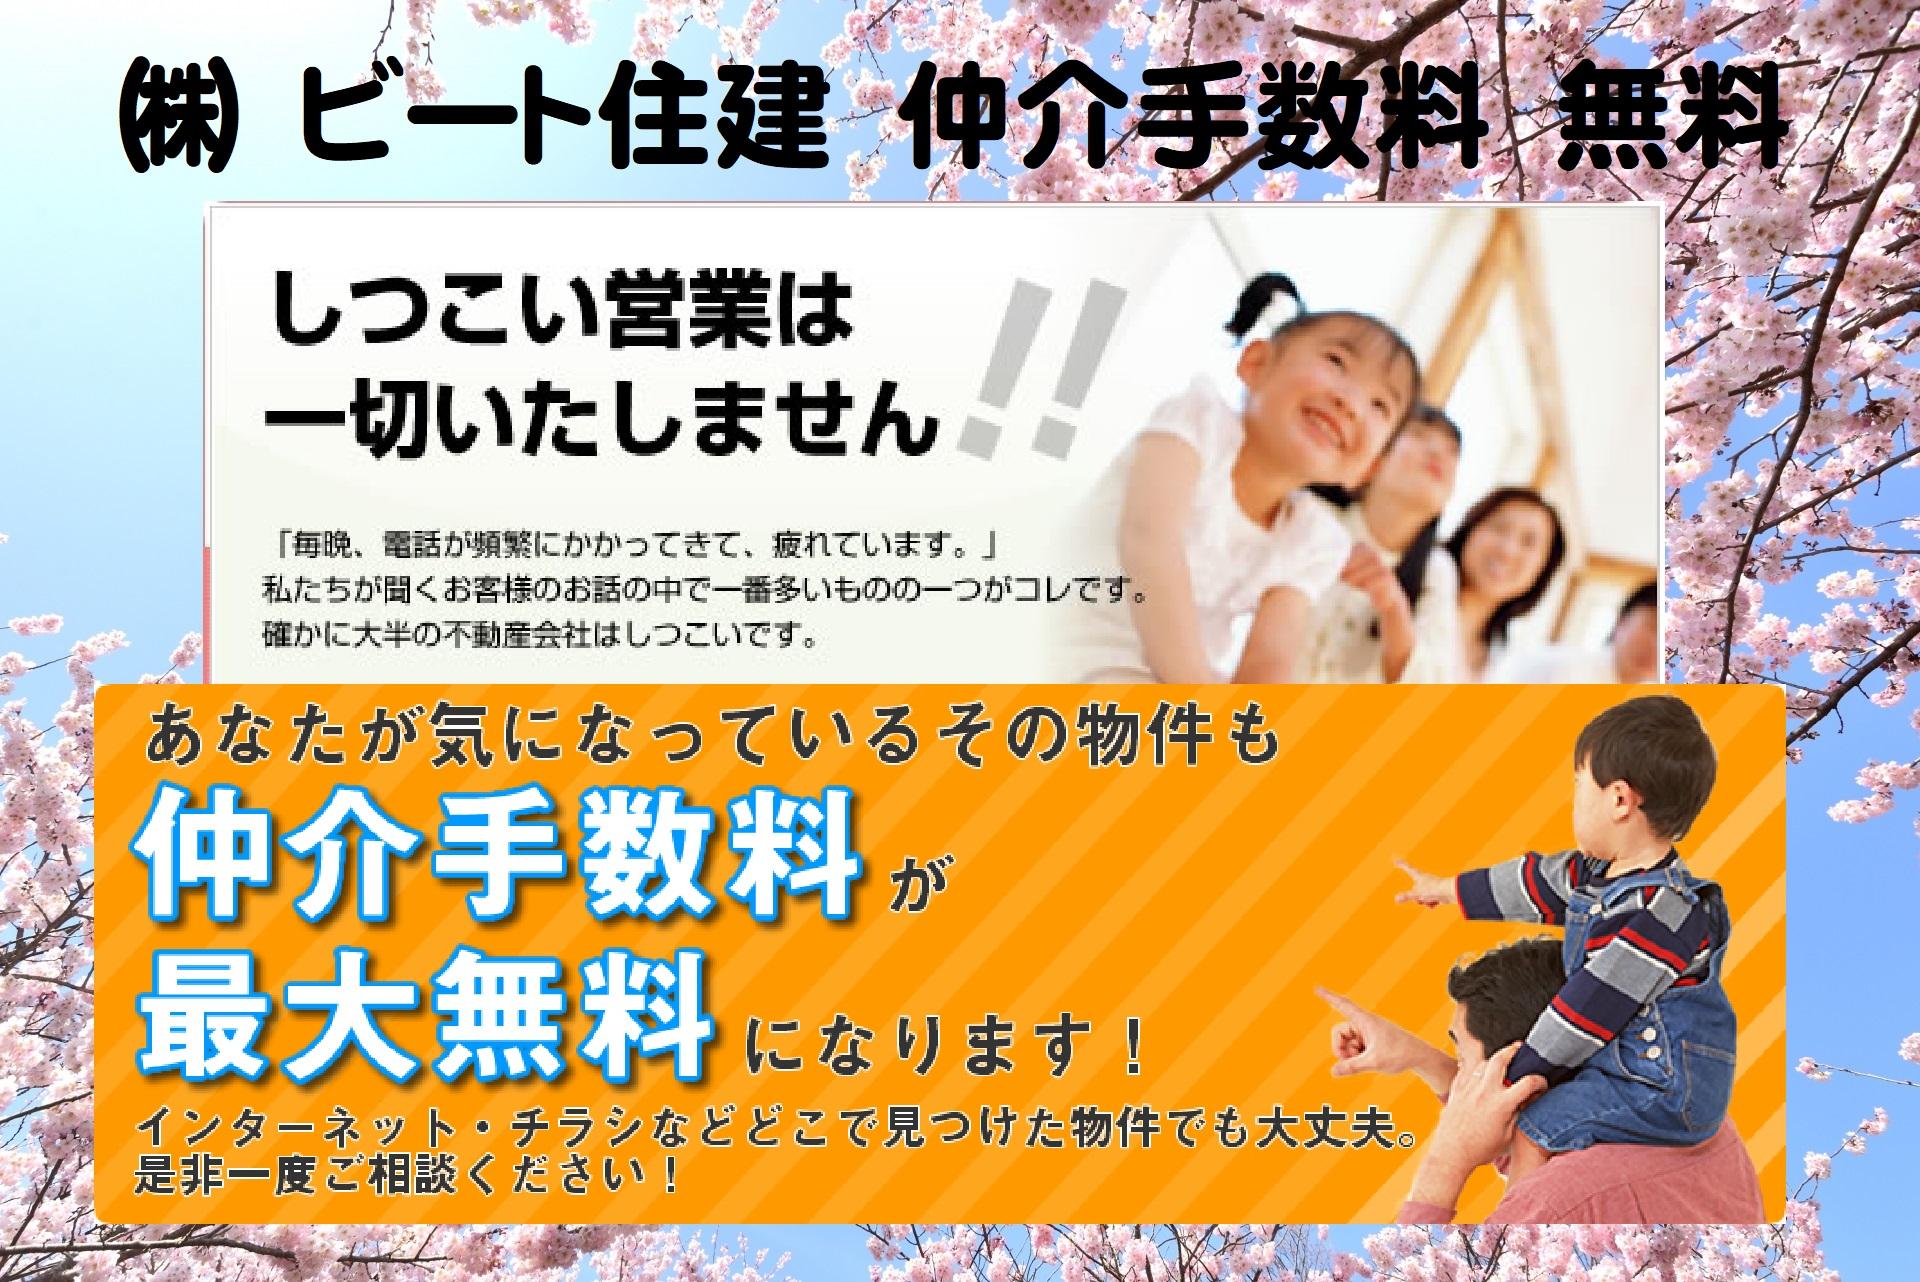 香芝市 下田東 新築 ご購入で、仲介手数料無料です!